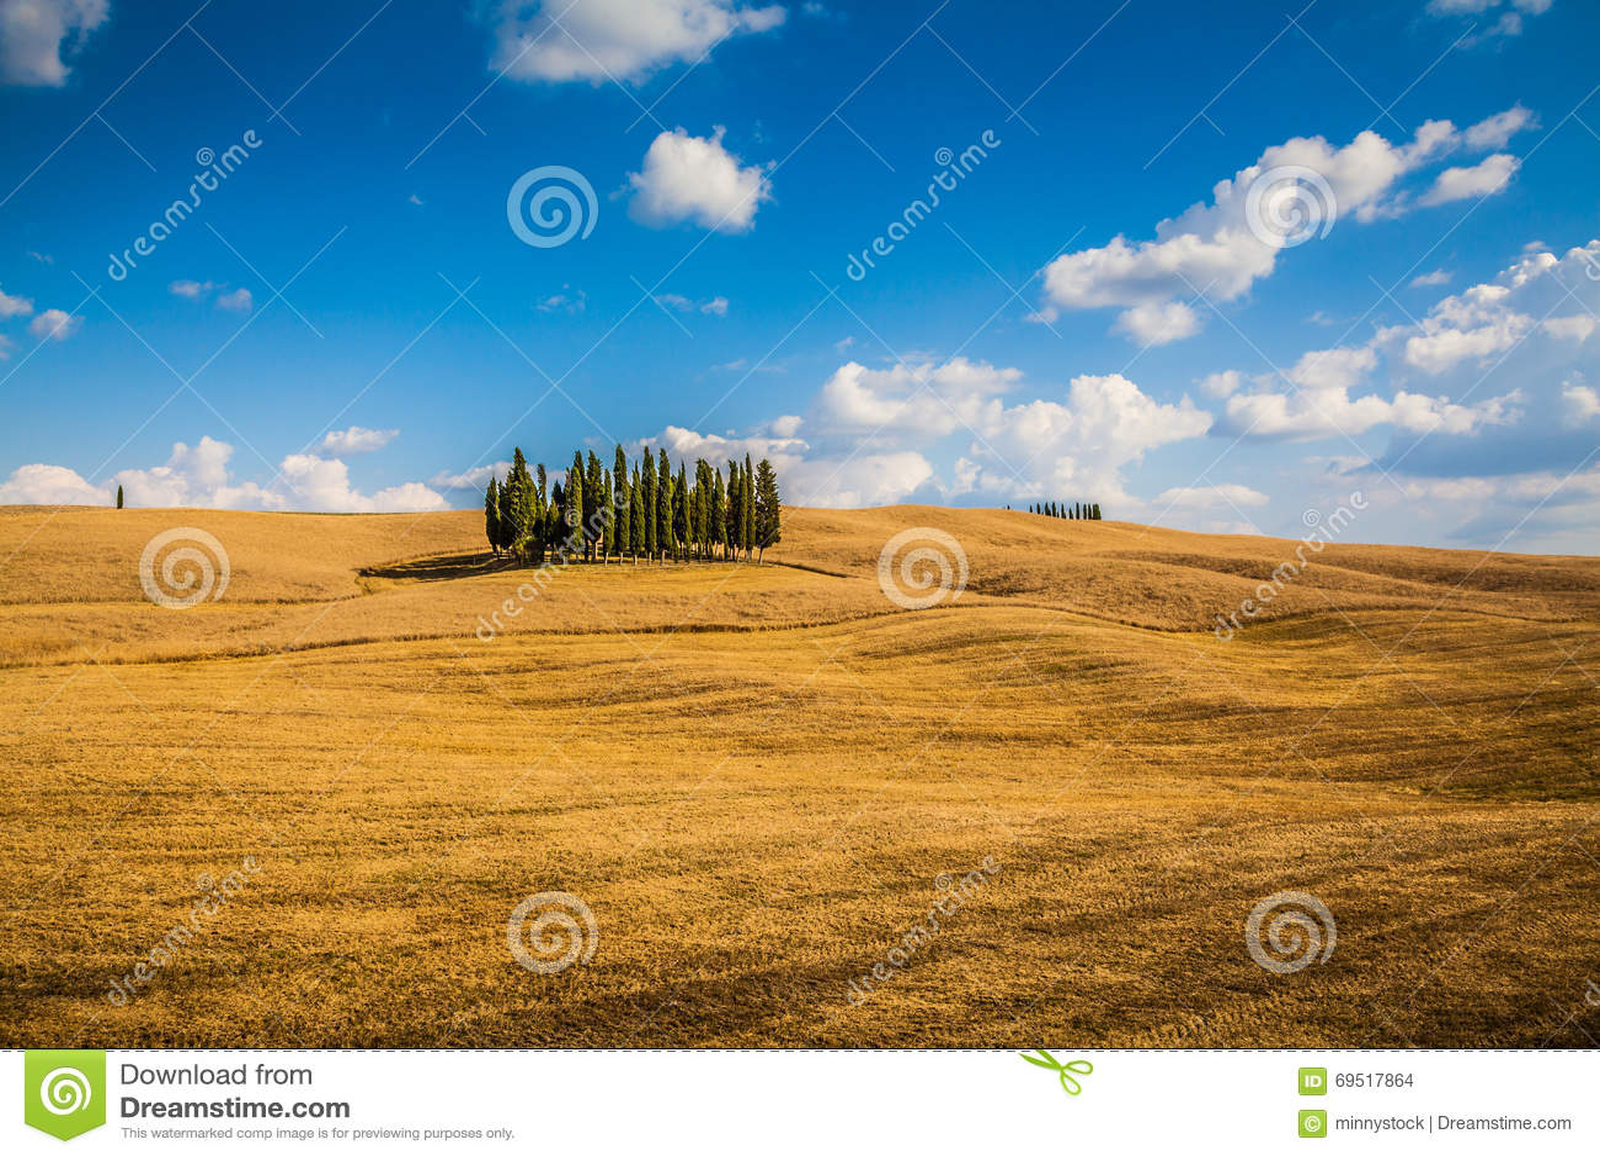 Paesaggio scenico con gli alberi di cipresso valle di d for Case di campagna della collina del texas